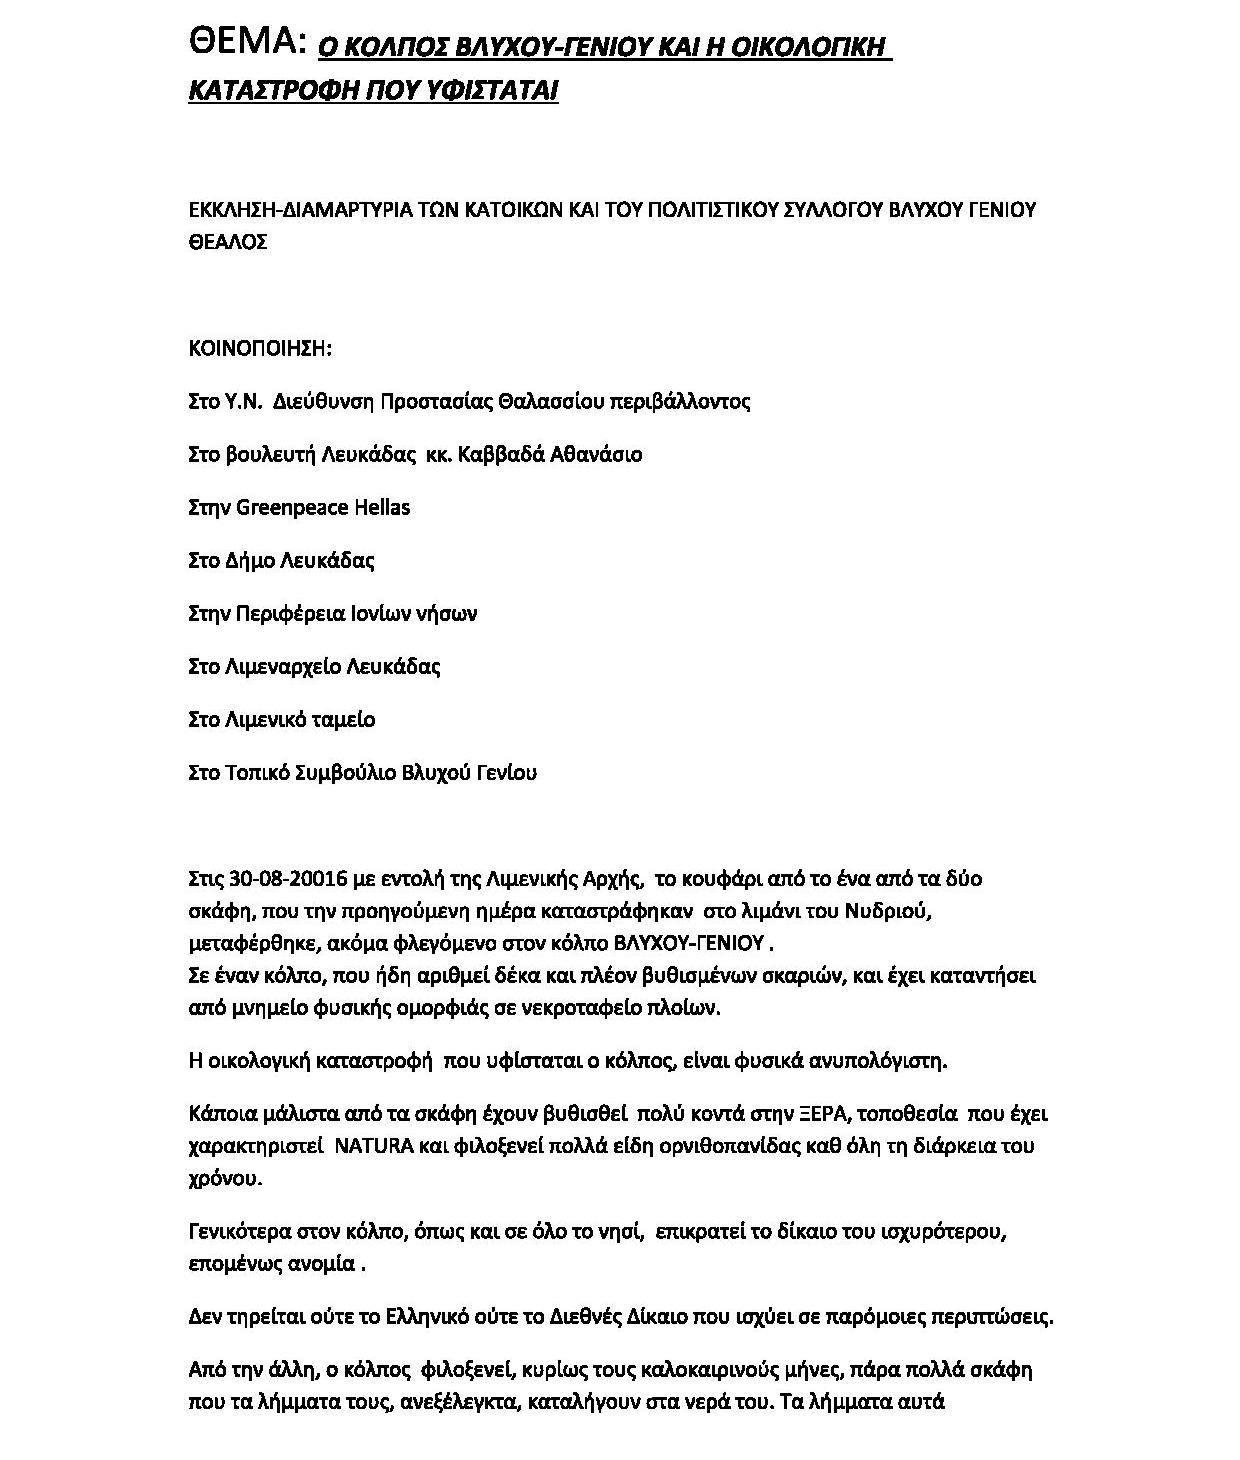 kolpos-page-001